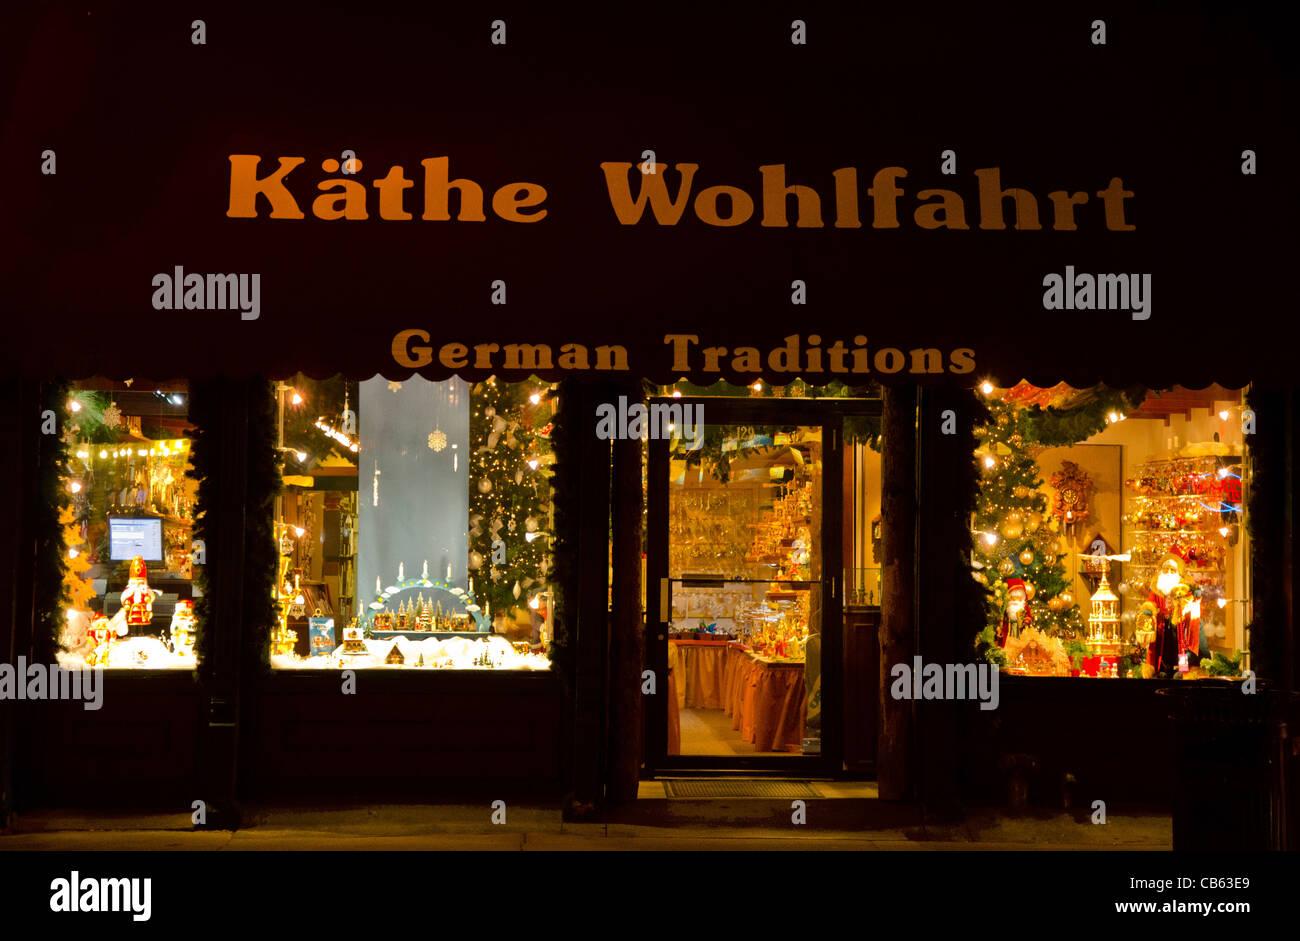 Las tradiciones alemanas tienda Kathe Wohlfahrt puso en Stillwater, Minnesota en la noche Imagen De Stock